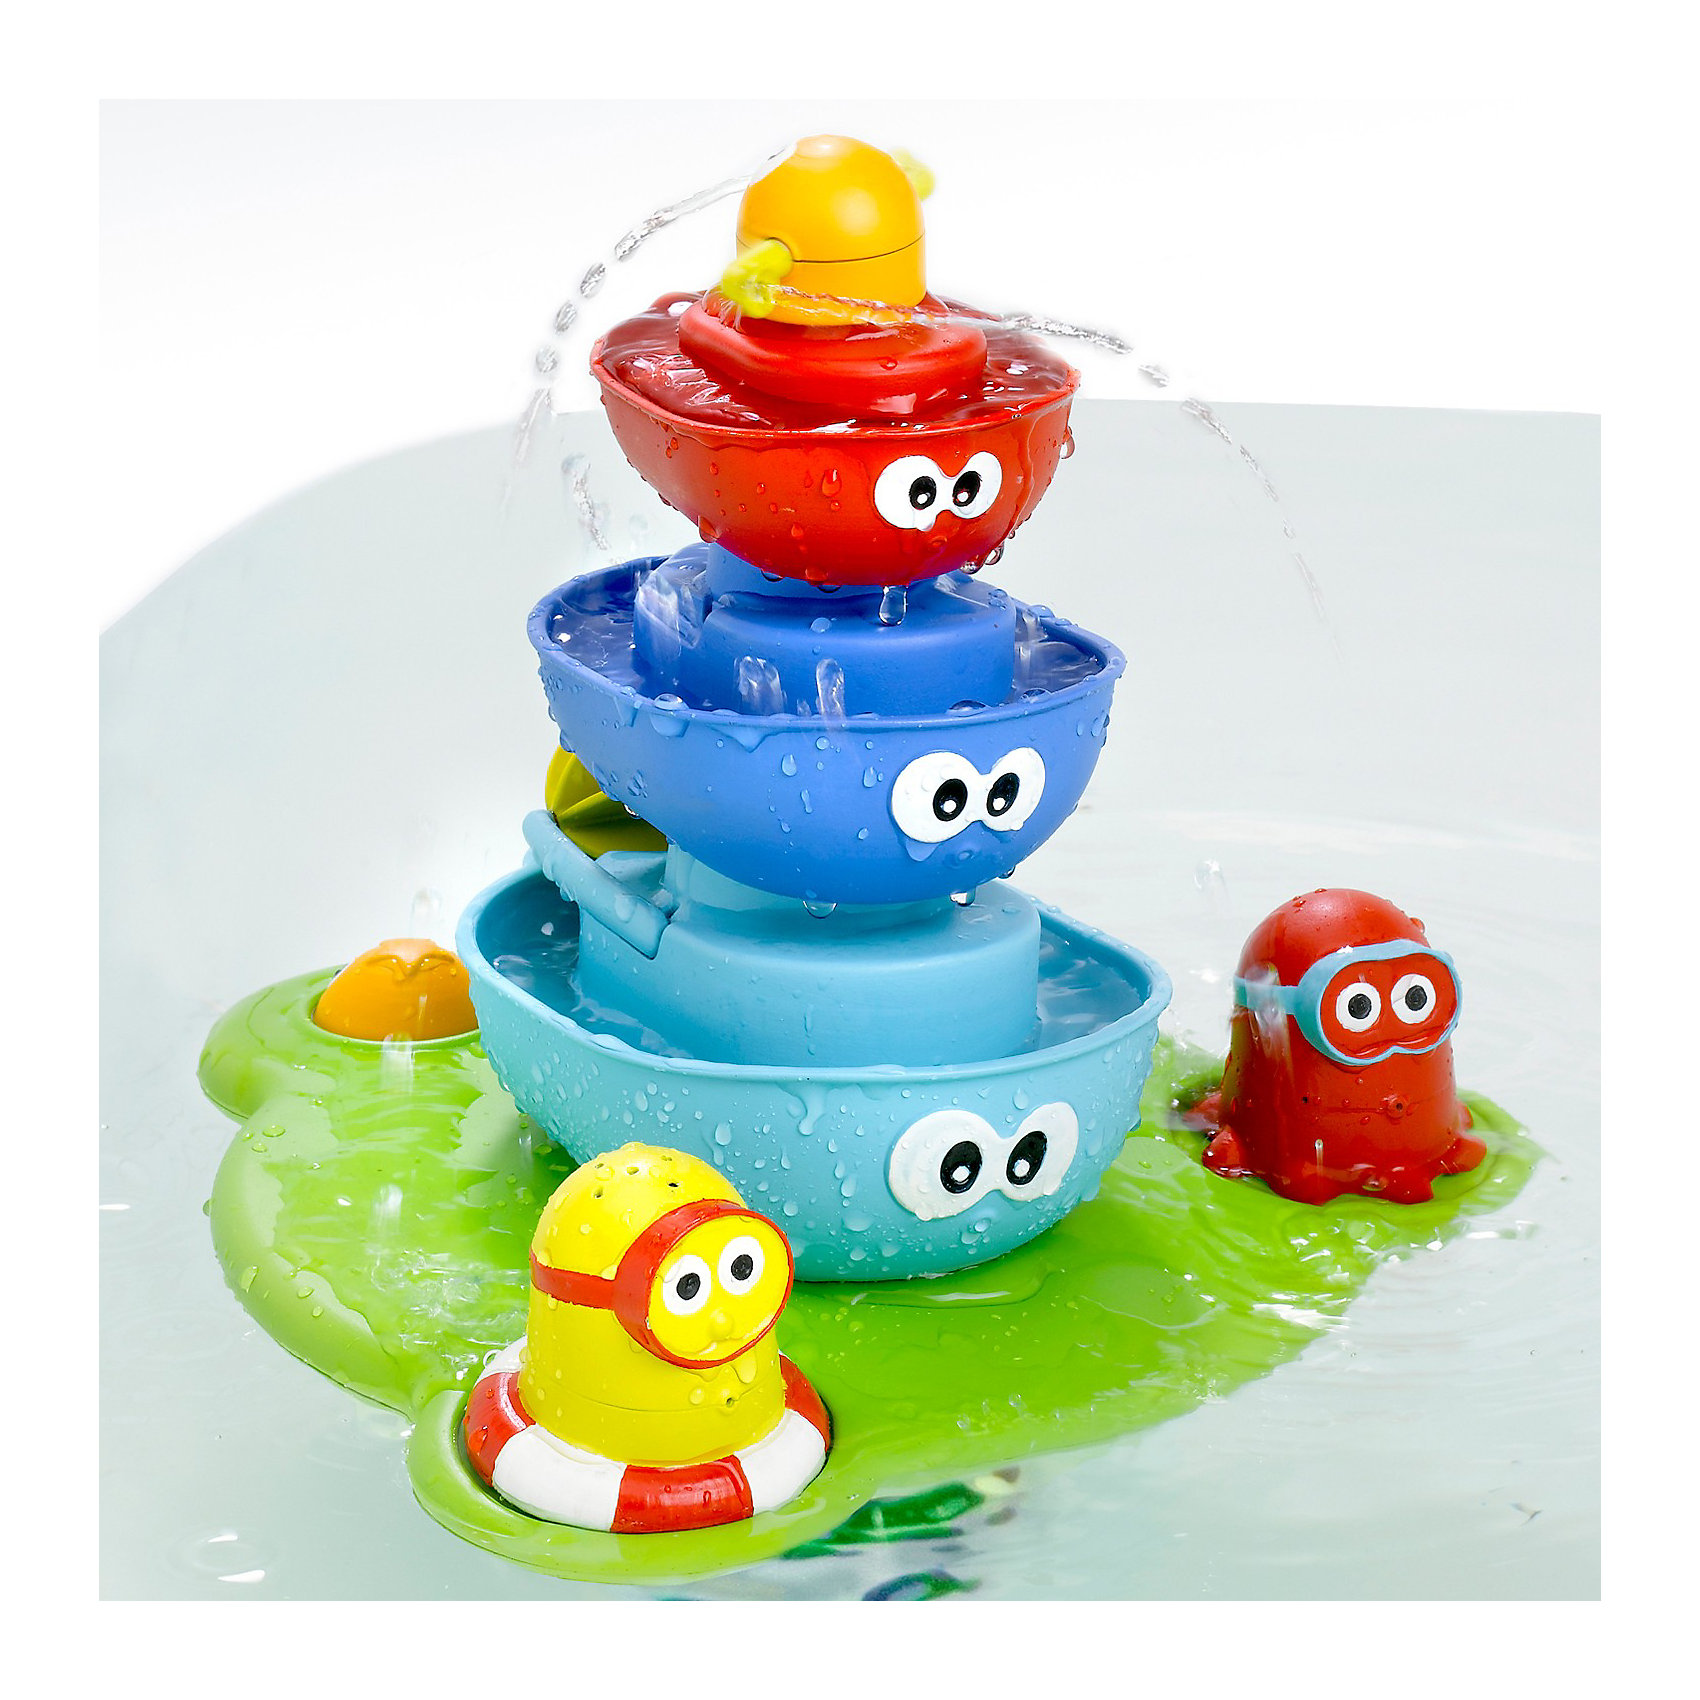 Пирамидка Фонтан, YookidooИдеи подарков<br>Yookidoo Пирамидка Фонтан – красивая и яркая игрушка для ванны. <br><br>В то время как нижняя часть фонтана плавает на воде, насос качает воду через центральную часть, создавая волшебный фонтан. У ребенка есть много вариантов изменить маршрут воды.<br><br>Особенности:<br><br>- Плавучая база с креплением на присосках и насосом легко крепится на дне ванной. <br>- Насос качает воду через центральную часть, создавая волшебный фонтан.<br>- На базе размещаются лодочки, две  фигурки, кнопка с глазками для включения подачи воды. <br>- Меняя фигурки и лодочки наверху, создаем разные эффекты волшебного фонтана.<br><br>Игрушка учит различать формы, развивает свето- и цвето- восприятие, мелкую моторику, слуховые навыки, внимание, память, логическое мышление и  творческое воображение. Эта замечательная пирамидка-фонтан обязательно порадует вашего ребенка!<br><br>Дополнительная информация:<br><br>- В комплекте 5 предметов: плавучая база с креплением, 3 лодочки с глазками, 2 фигурки.<br>- Материал: пластмасса.<br>- Размер: 40,5x27,5x11 см<br><br>Ширина мм: 405<br>Глубина мм: 275<br>Высота мм: 110<br>Вес г: 1120<br>Возраст от месяцев: 12<br>Возраст до месяцев: 36<br>Пол: Унисекс<br>Возраст: Детский<br>SKU: 2442791